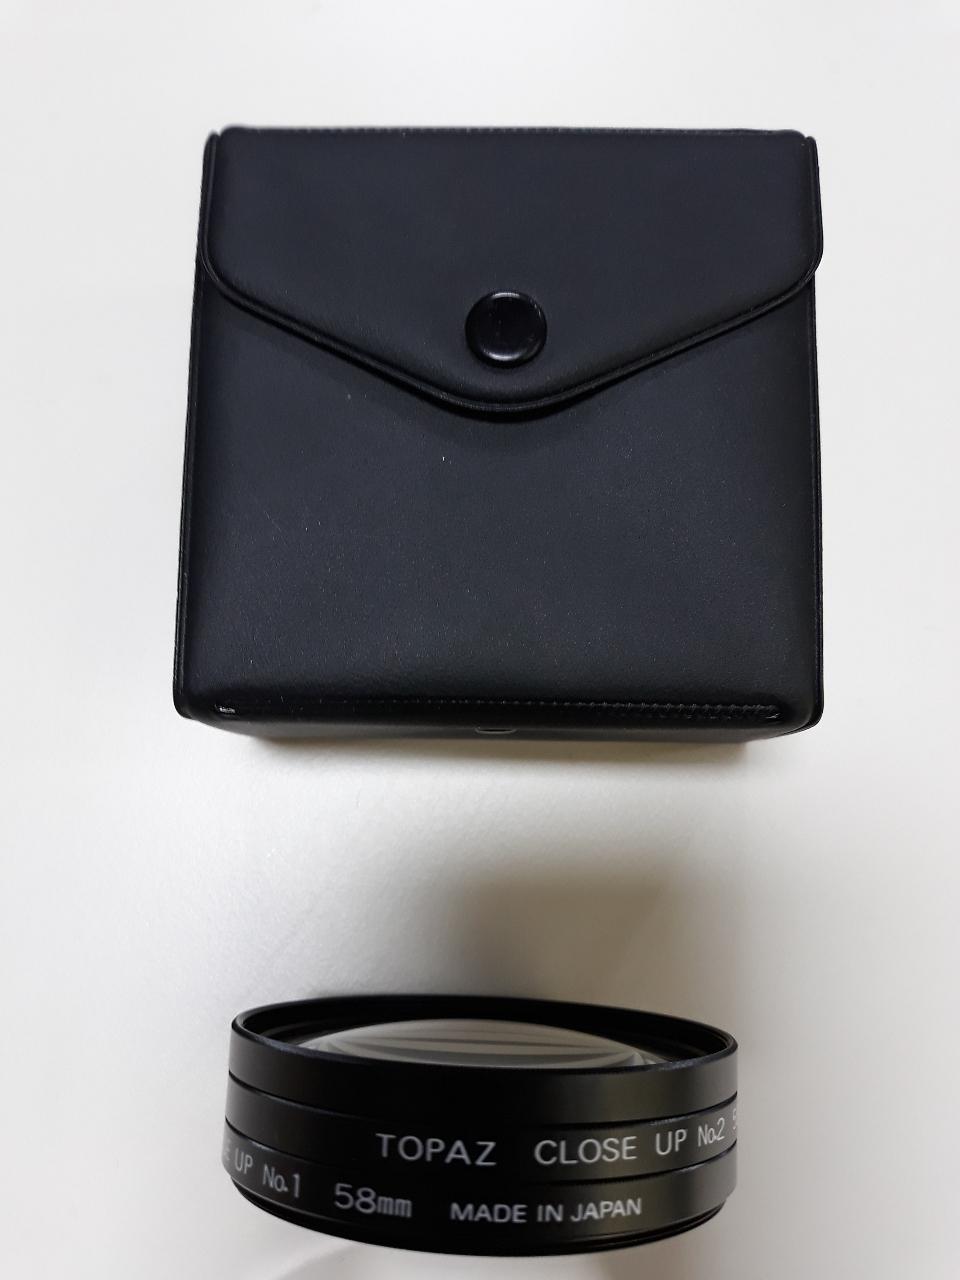 토파즈 CLOSE UP NO2 58mm (택배비무료)^^